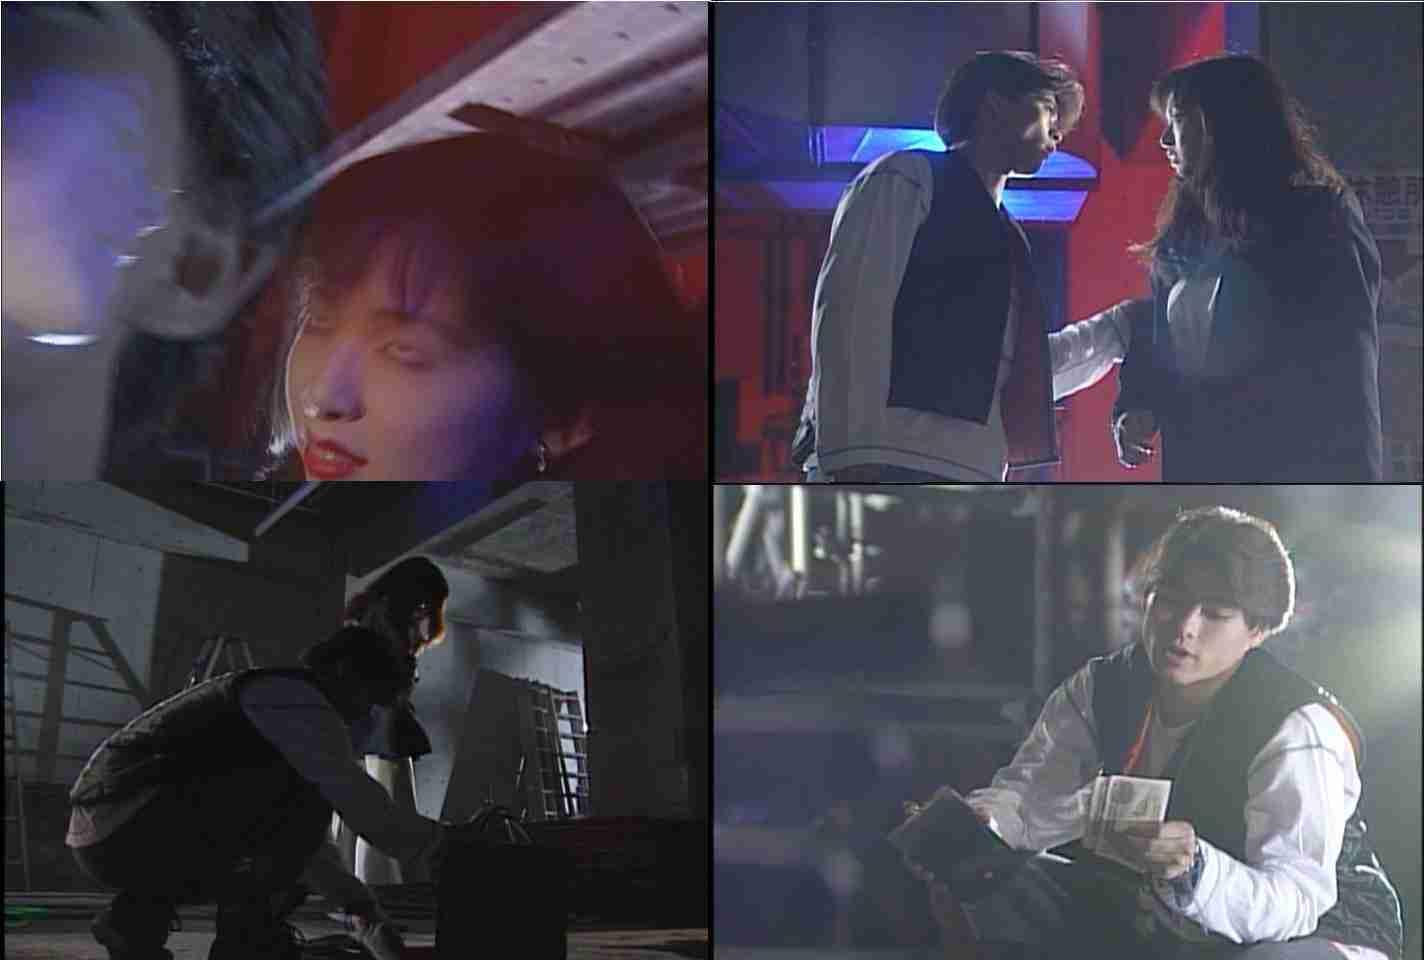 斉藤由貴が映画「リベンジgirl」に出演…ダブル不倫騒動中に撮影